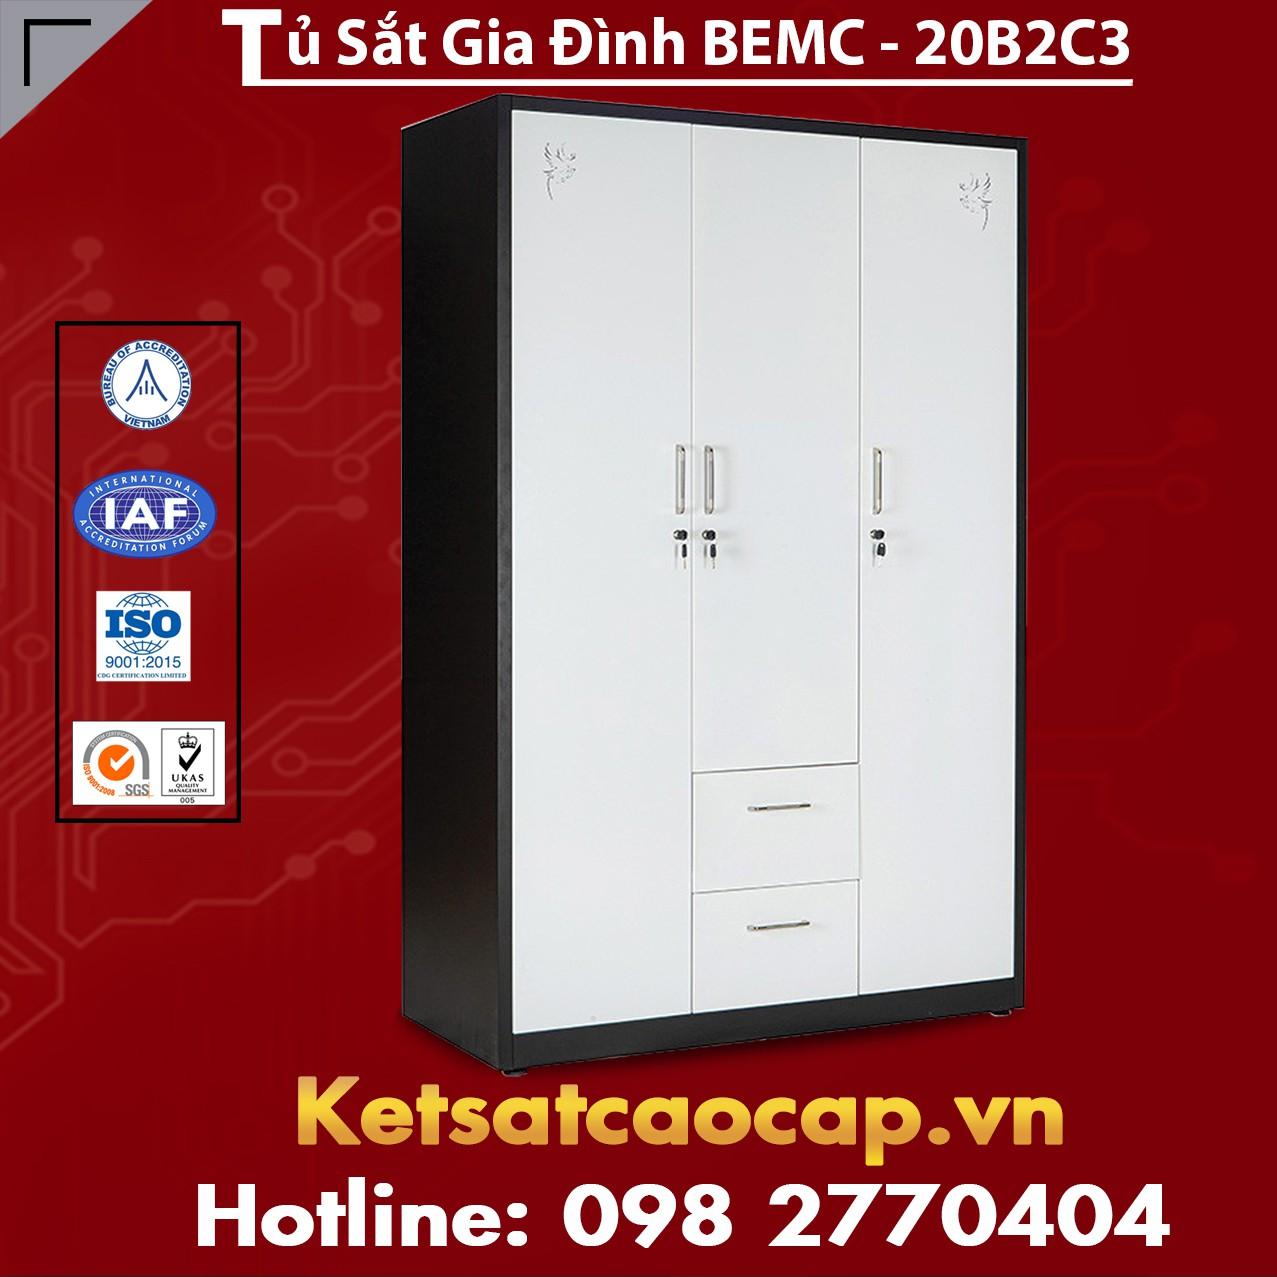 Tủ Sắt Gia Đình BEMC - 20B2C3